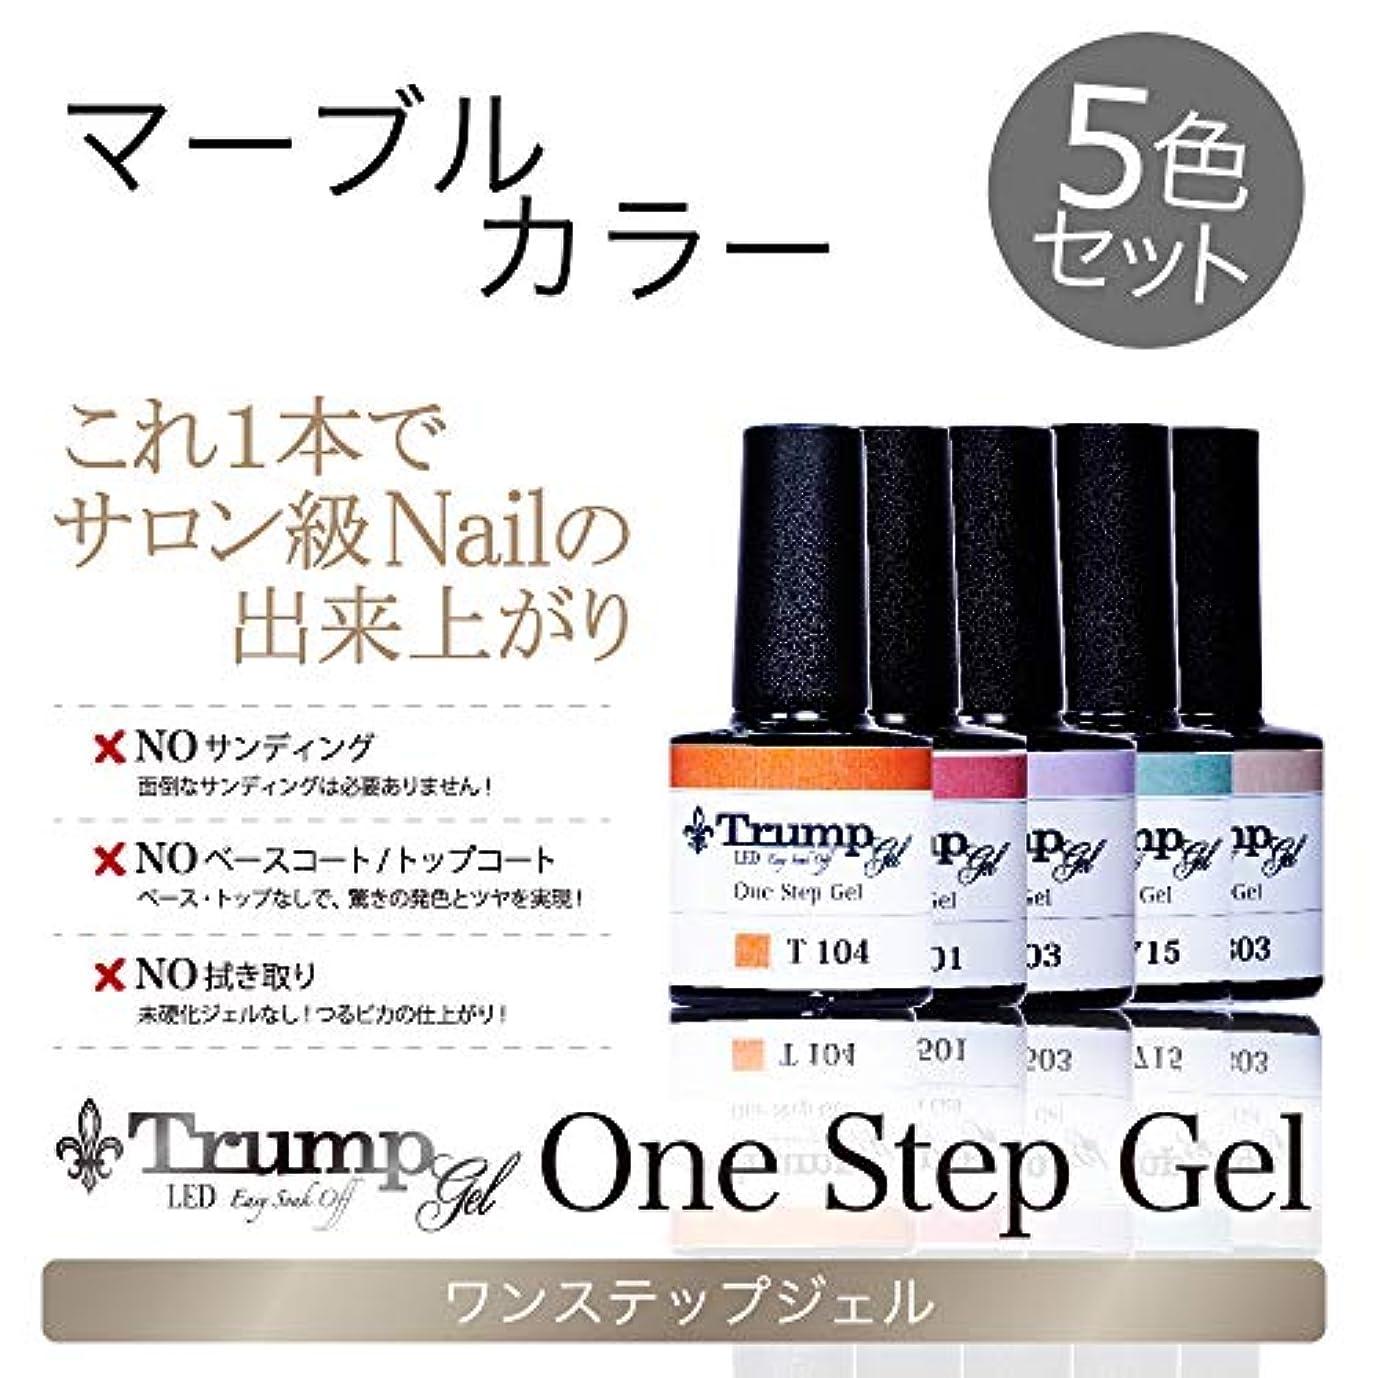 競争力のあるいとこ旧正月【日本製】Trump gel トランプジェル ワンステップジェル ジェルネイル カラージェル 5点 セット スモーキーモーヴ ボルドー ブラック マーブル (マーブルカラー5色セット)